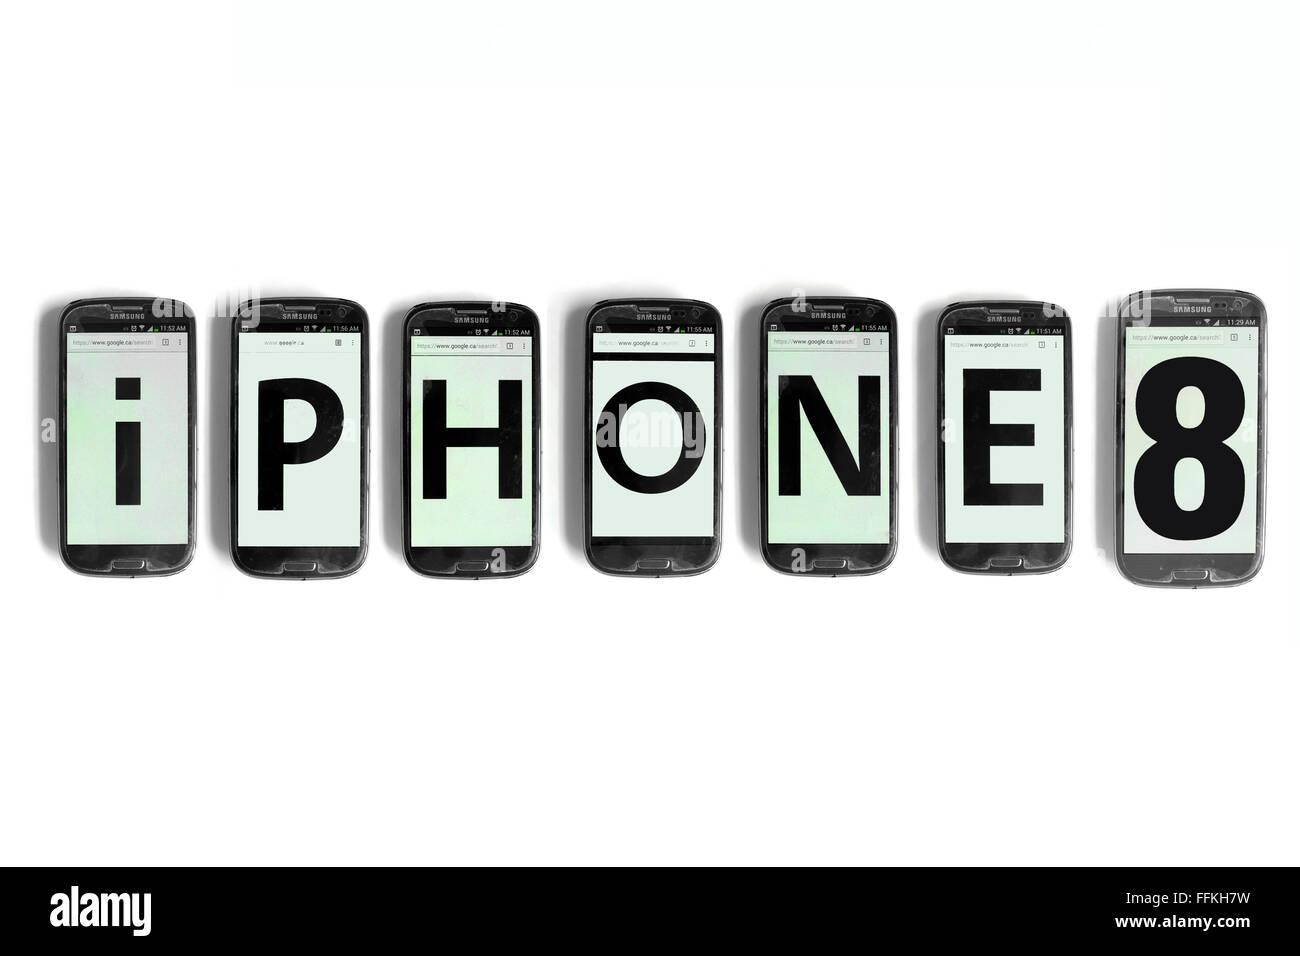 iPhone8 geschrieben am Smartphone Bildschirme vor weißem Hintergrund fotografiert. Stockfoto